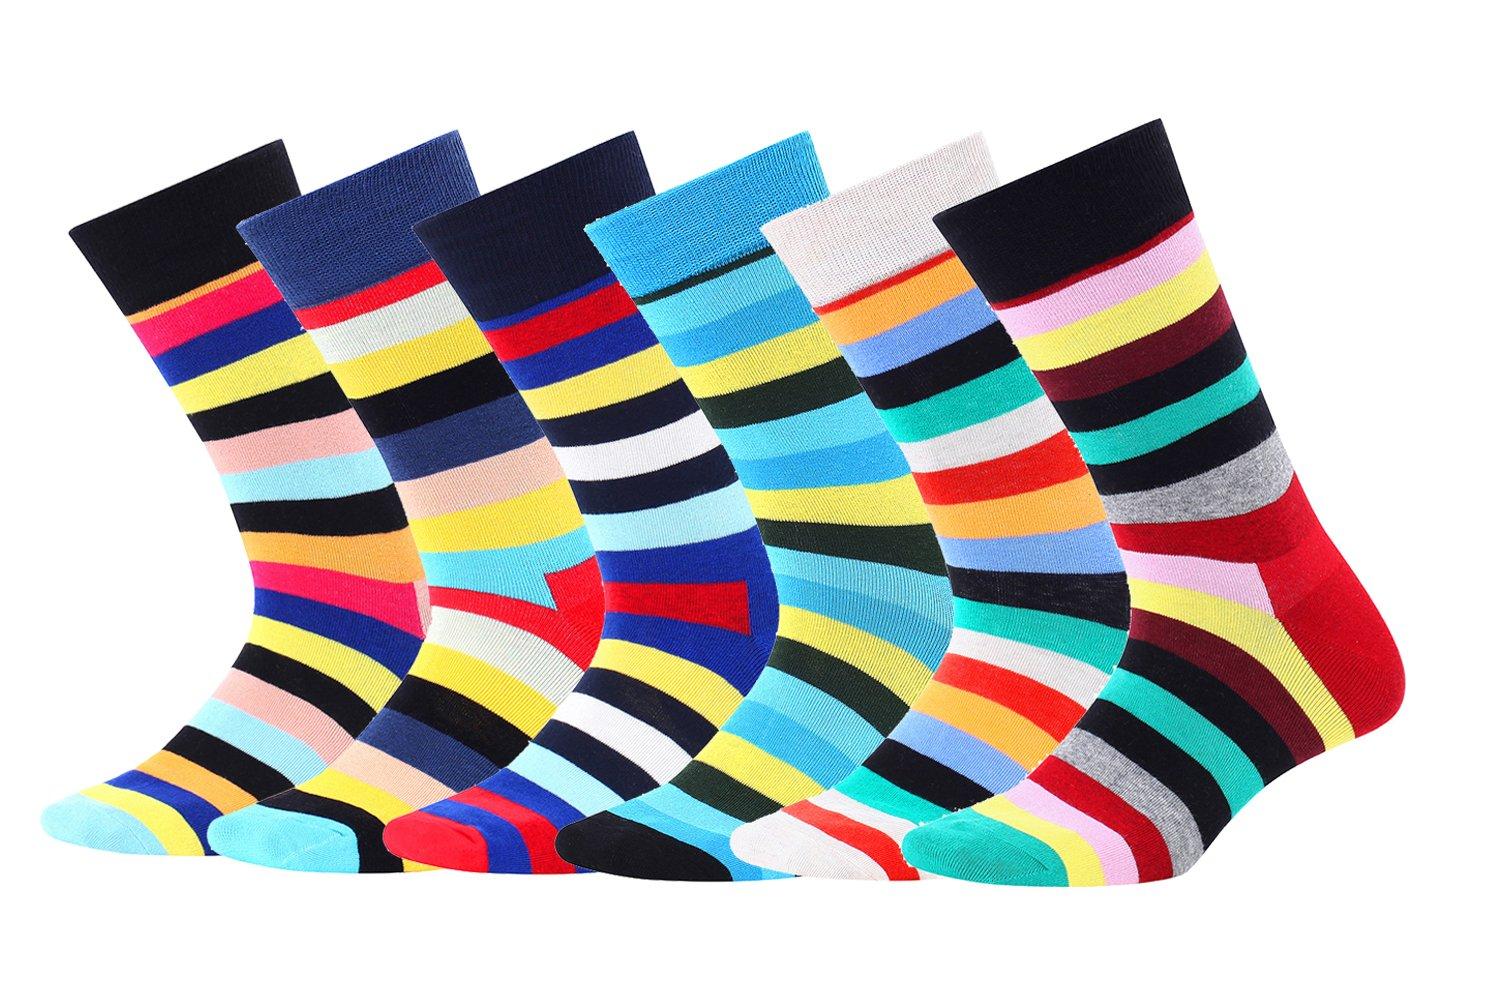 Socks for Men,Yozai Men's 6 PK Fun & Funky Colorful Cotton Dress Socks Striped Size 7-12